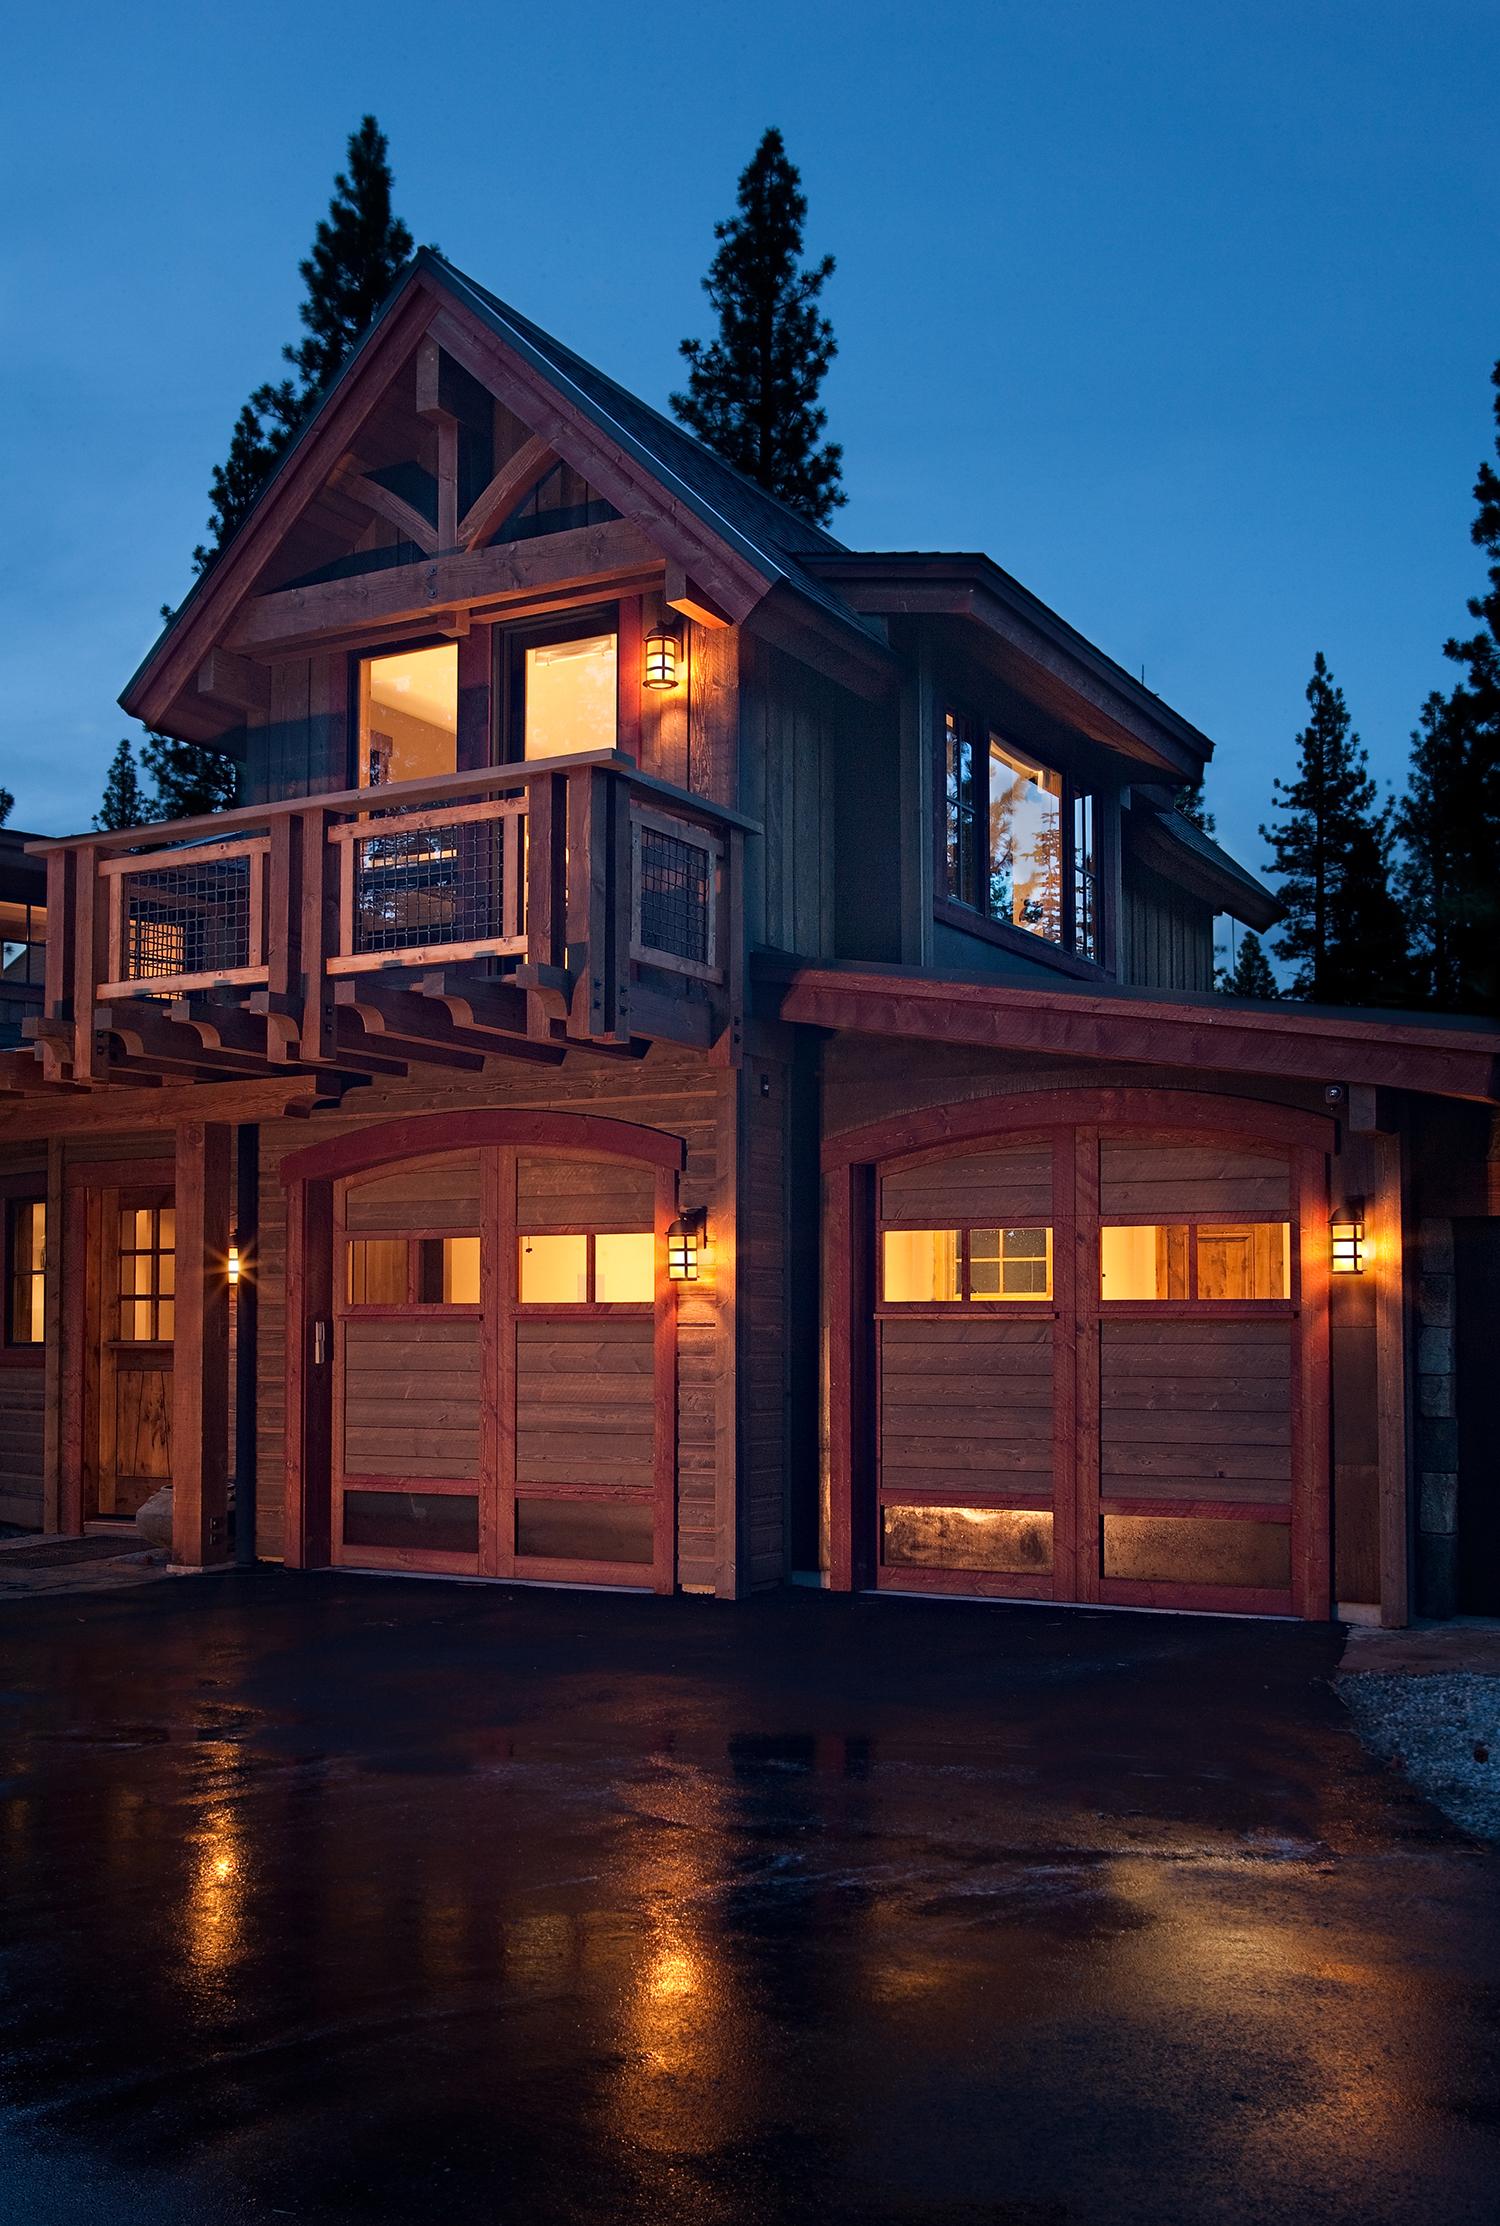 Lot 224_Exterior_Garages_Upper Deck.jpg